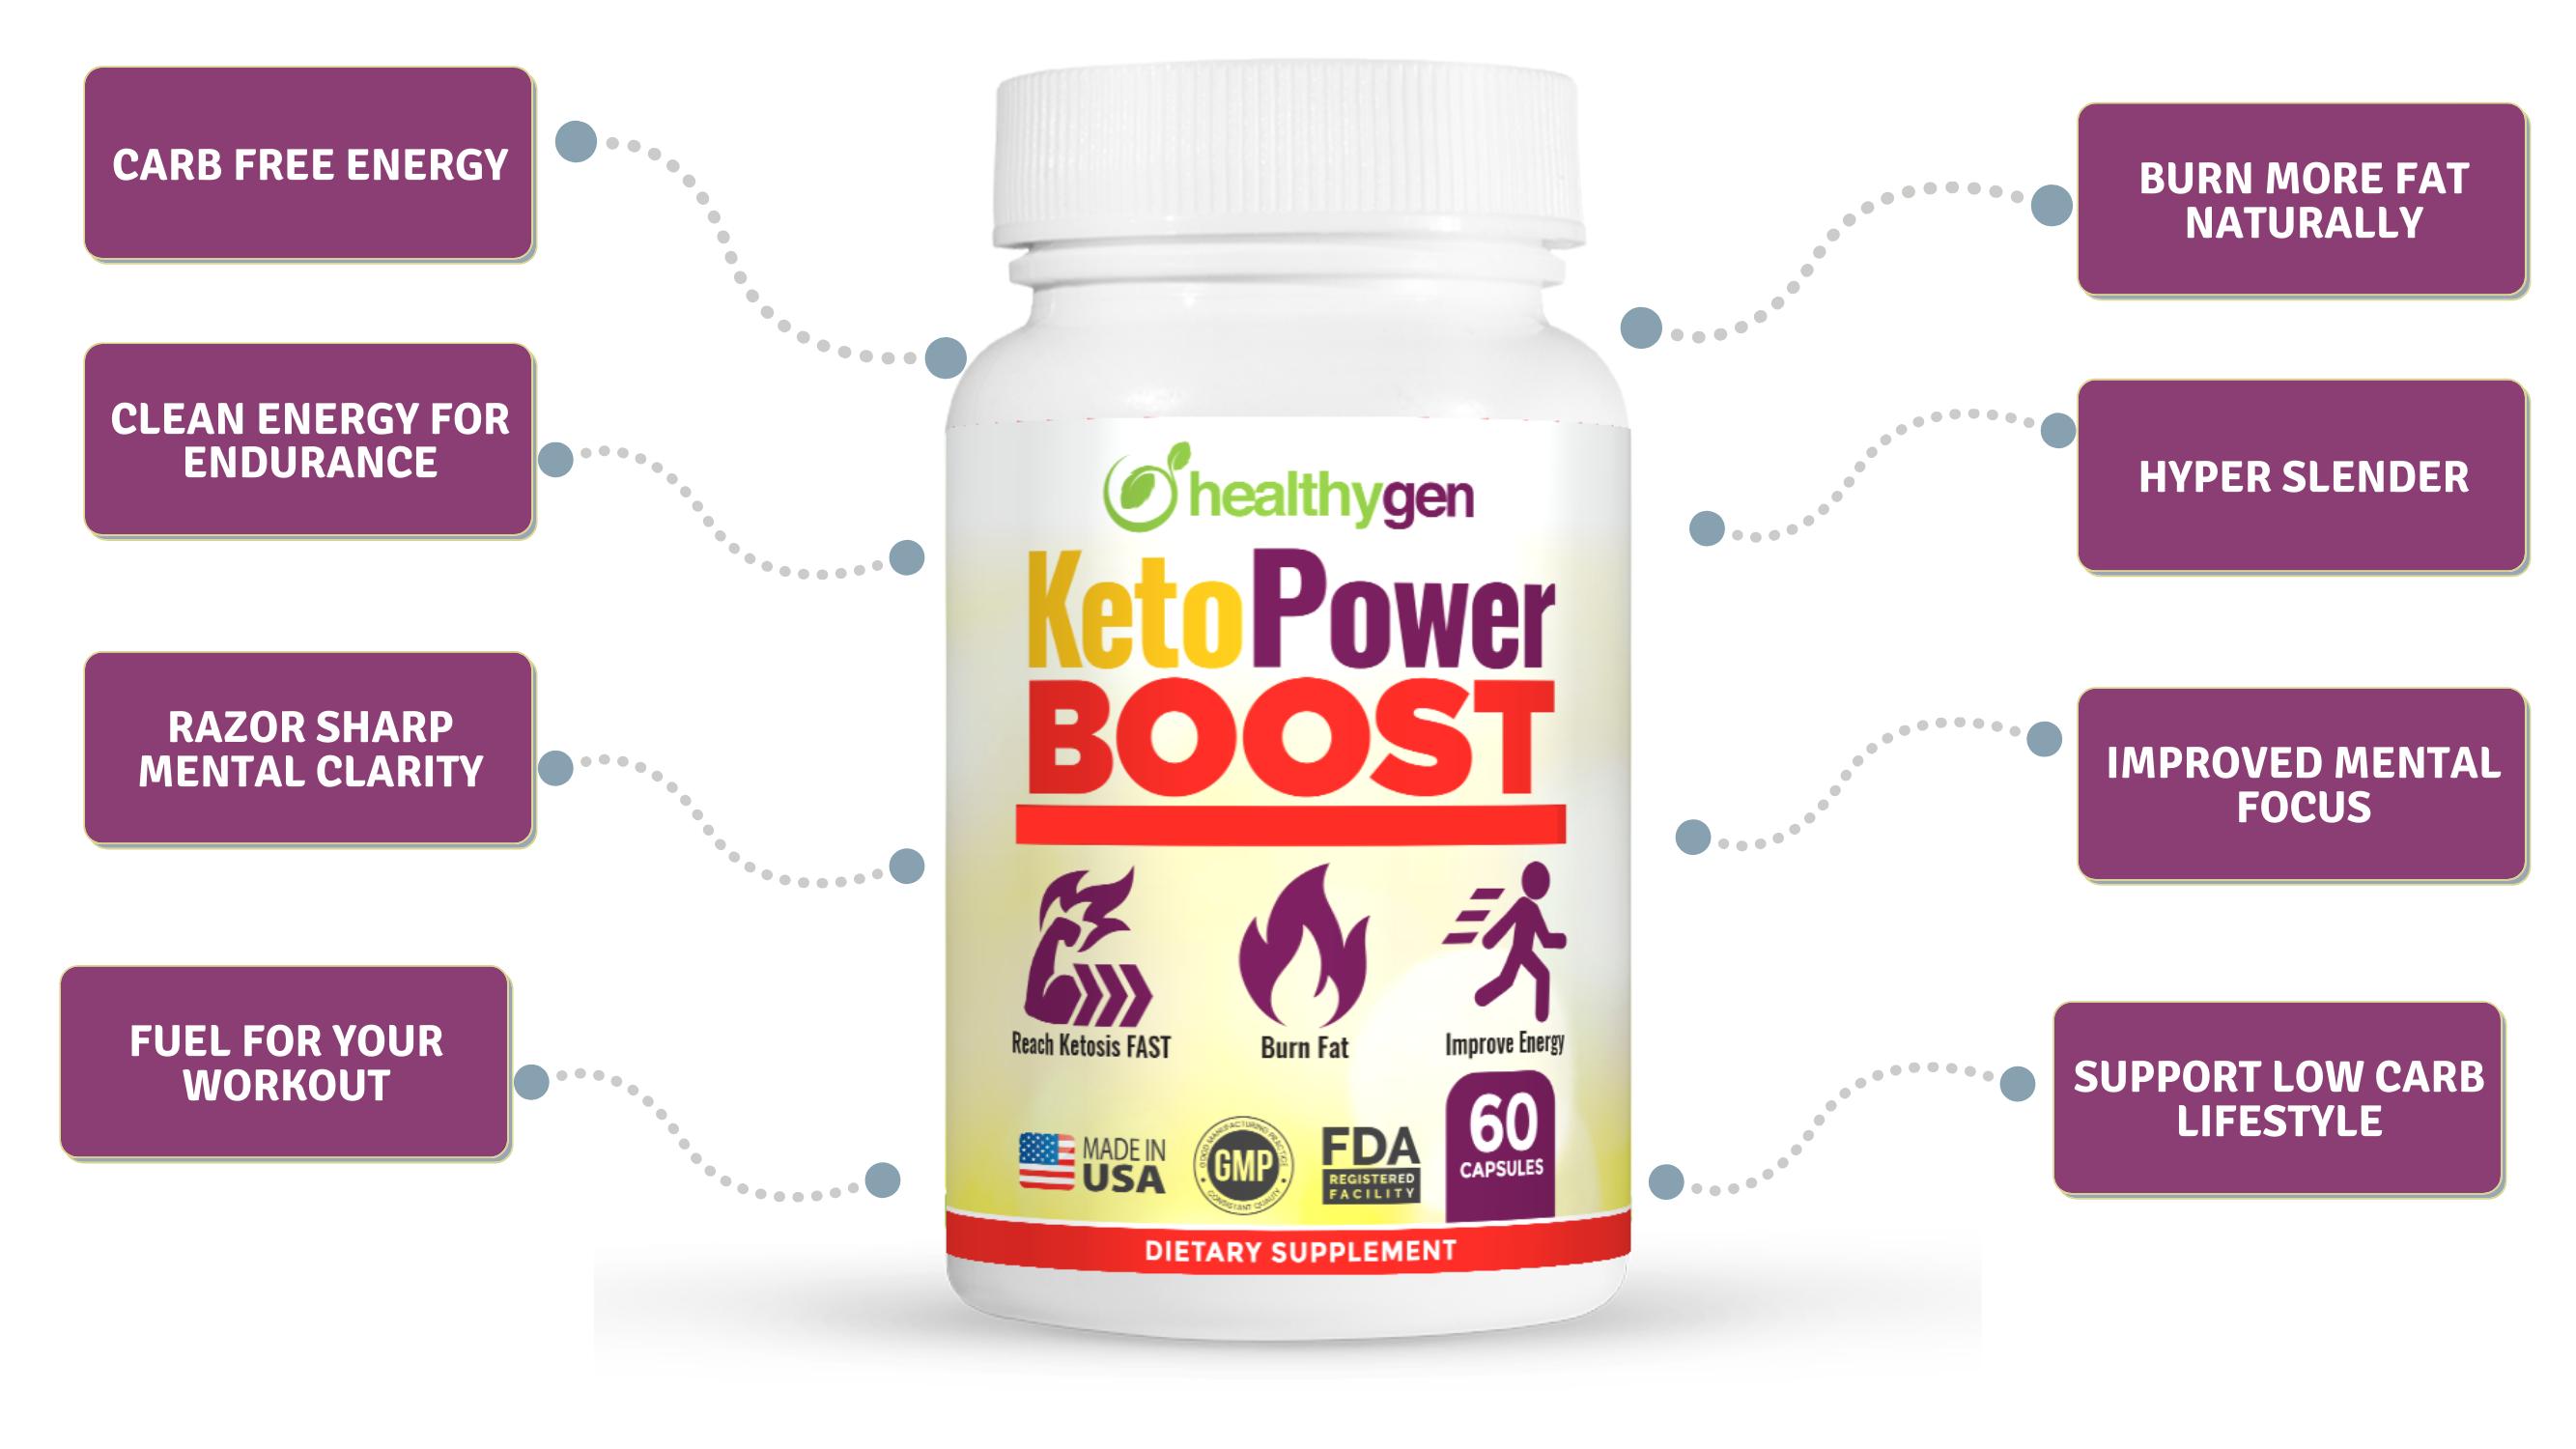 keto power boost ingredients